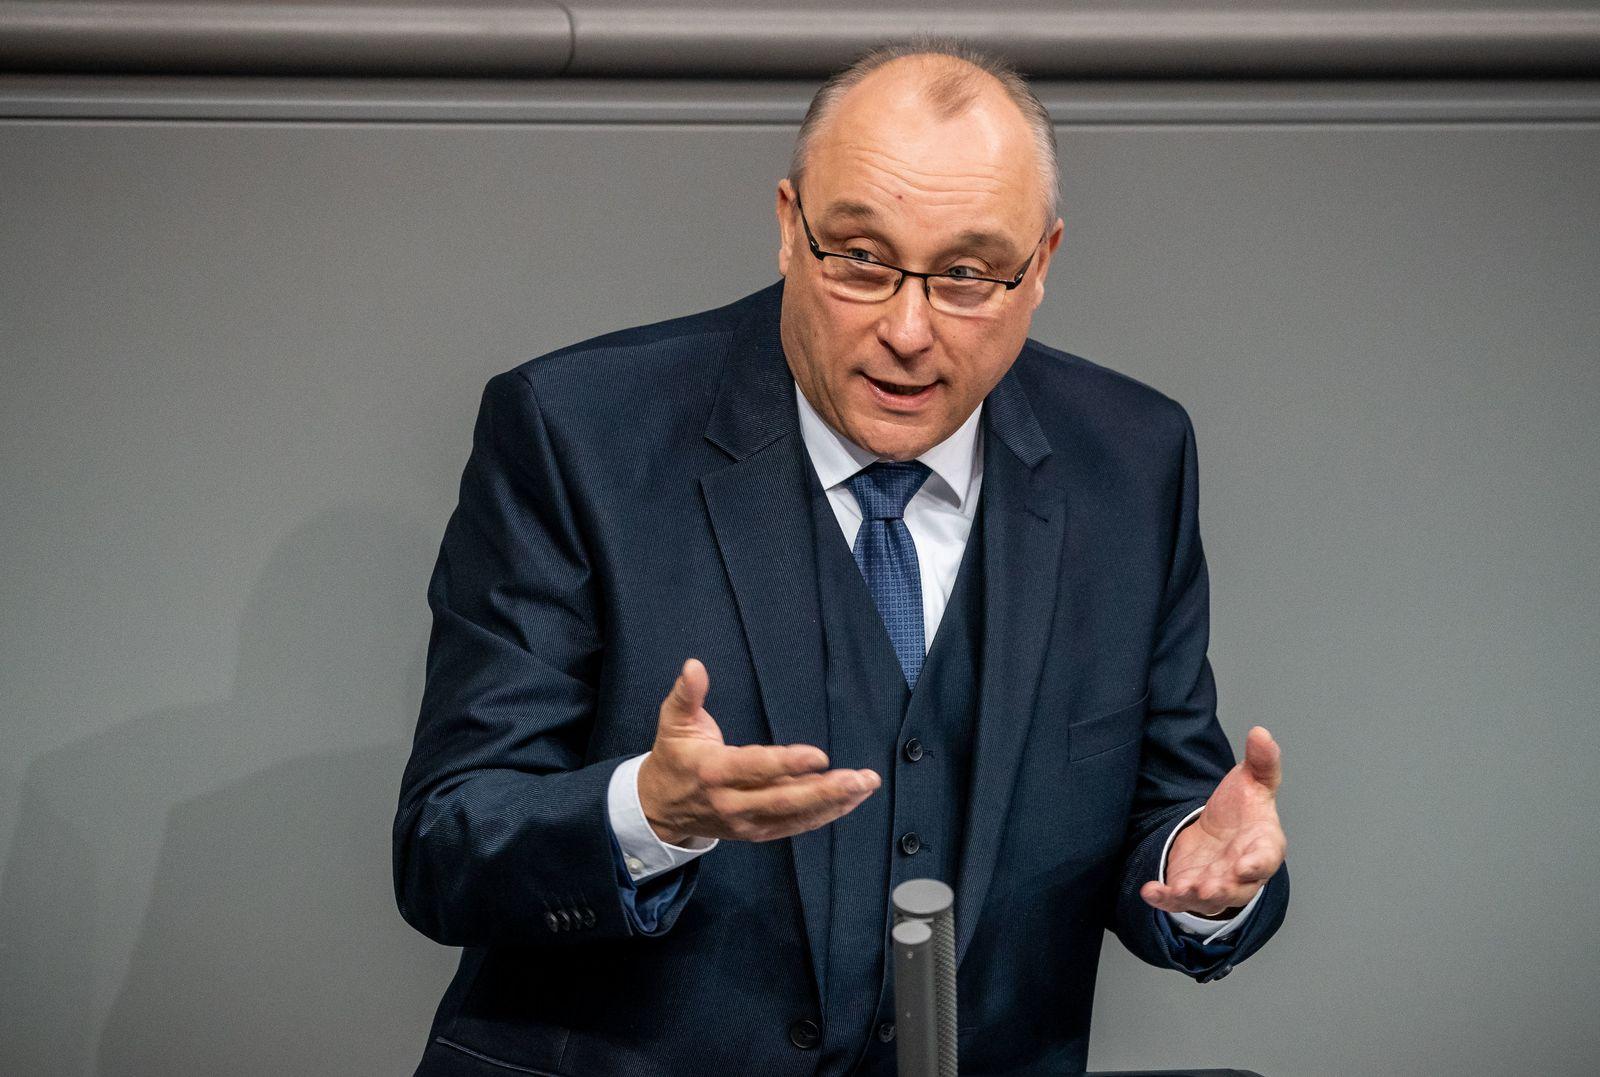 Verfassungsschutz stuft Jens Maier als rechtsextrem ein